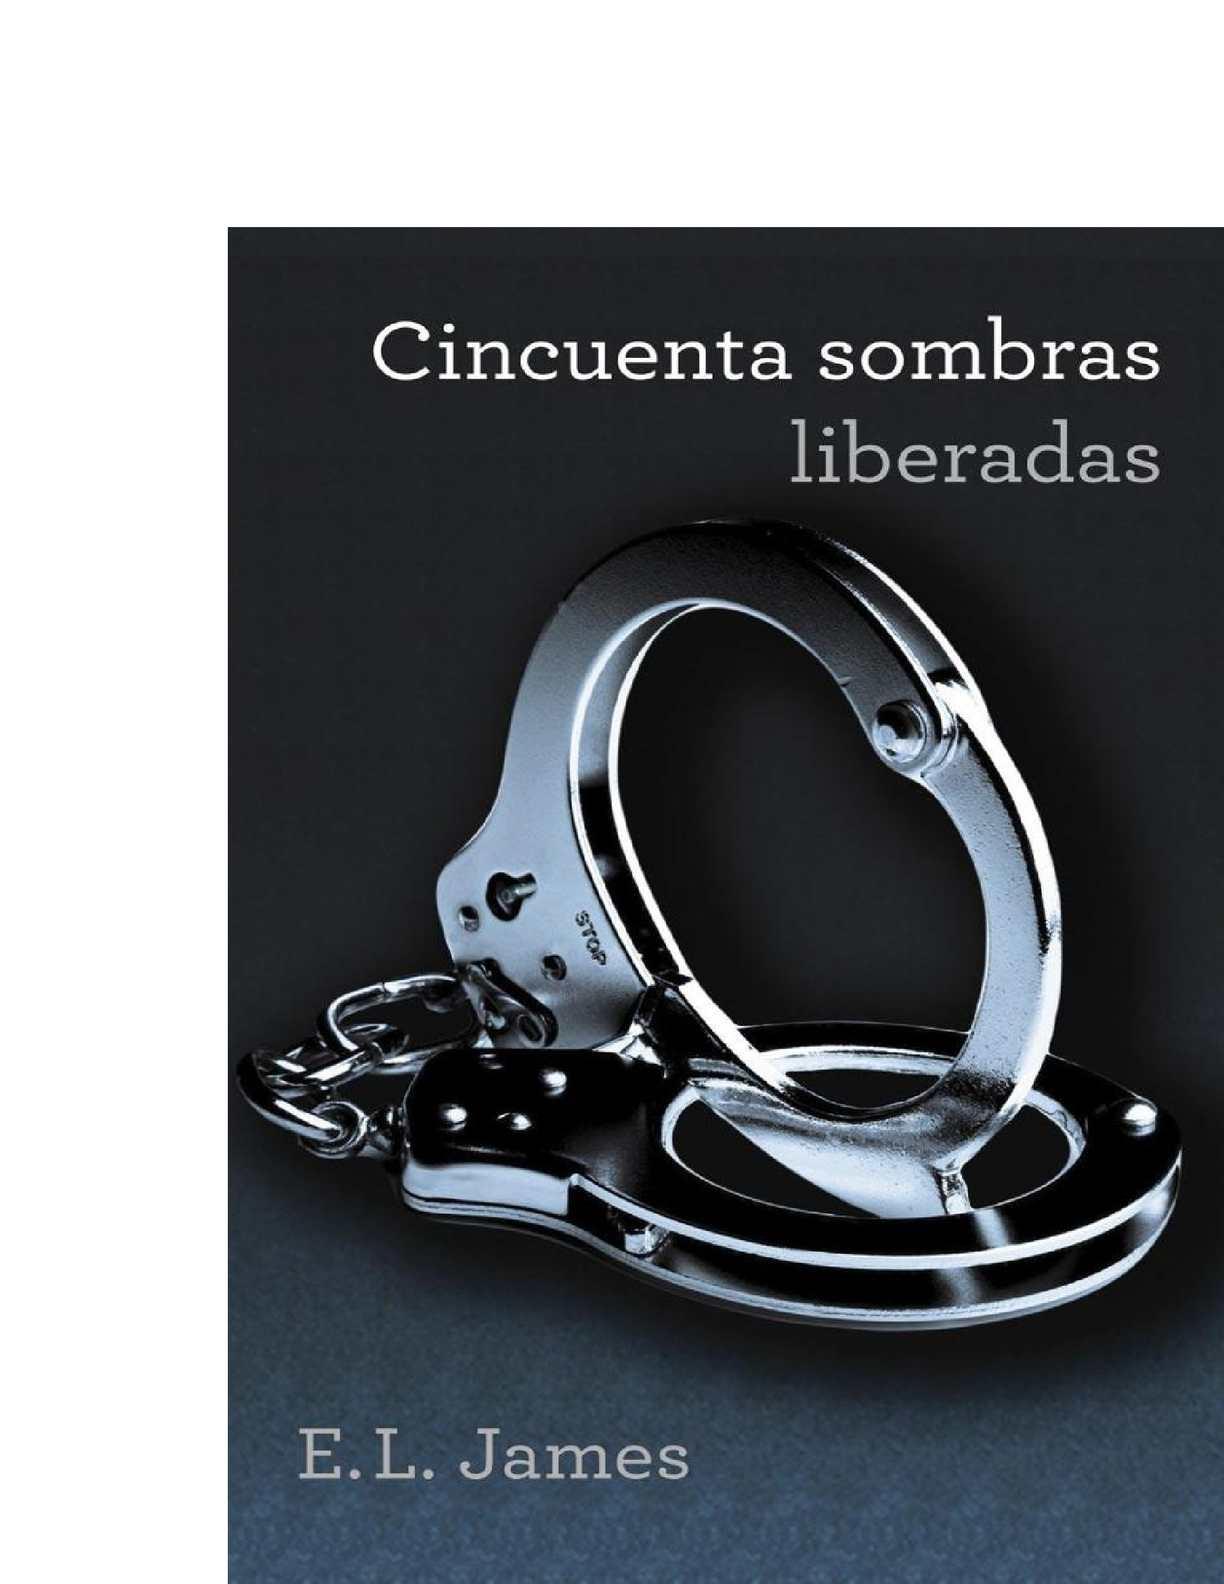 b5e575036 Calaméo - CINCUENTA SOMBRAS LIBERADAS